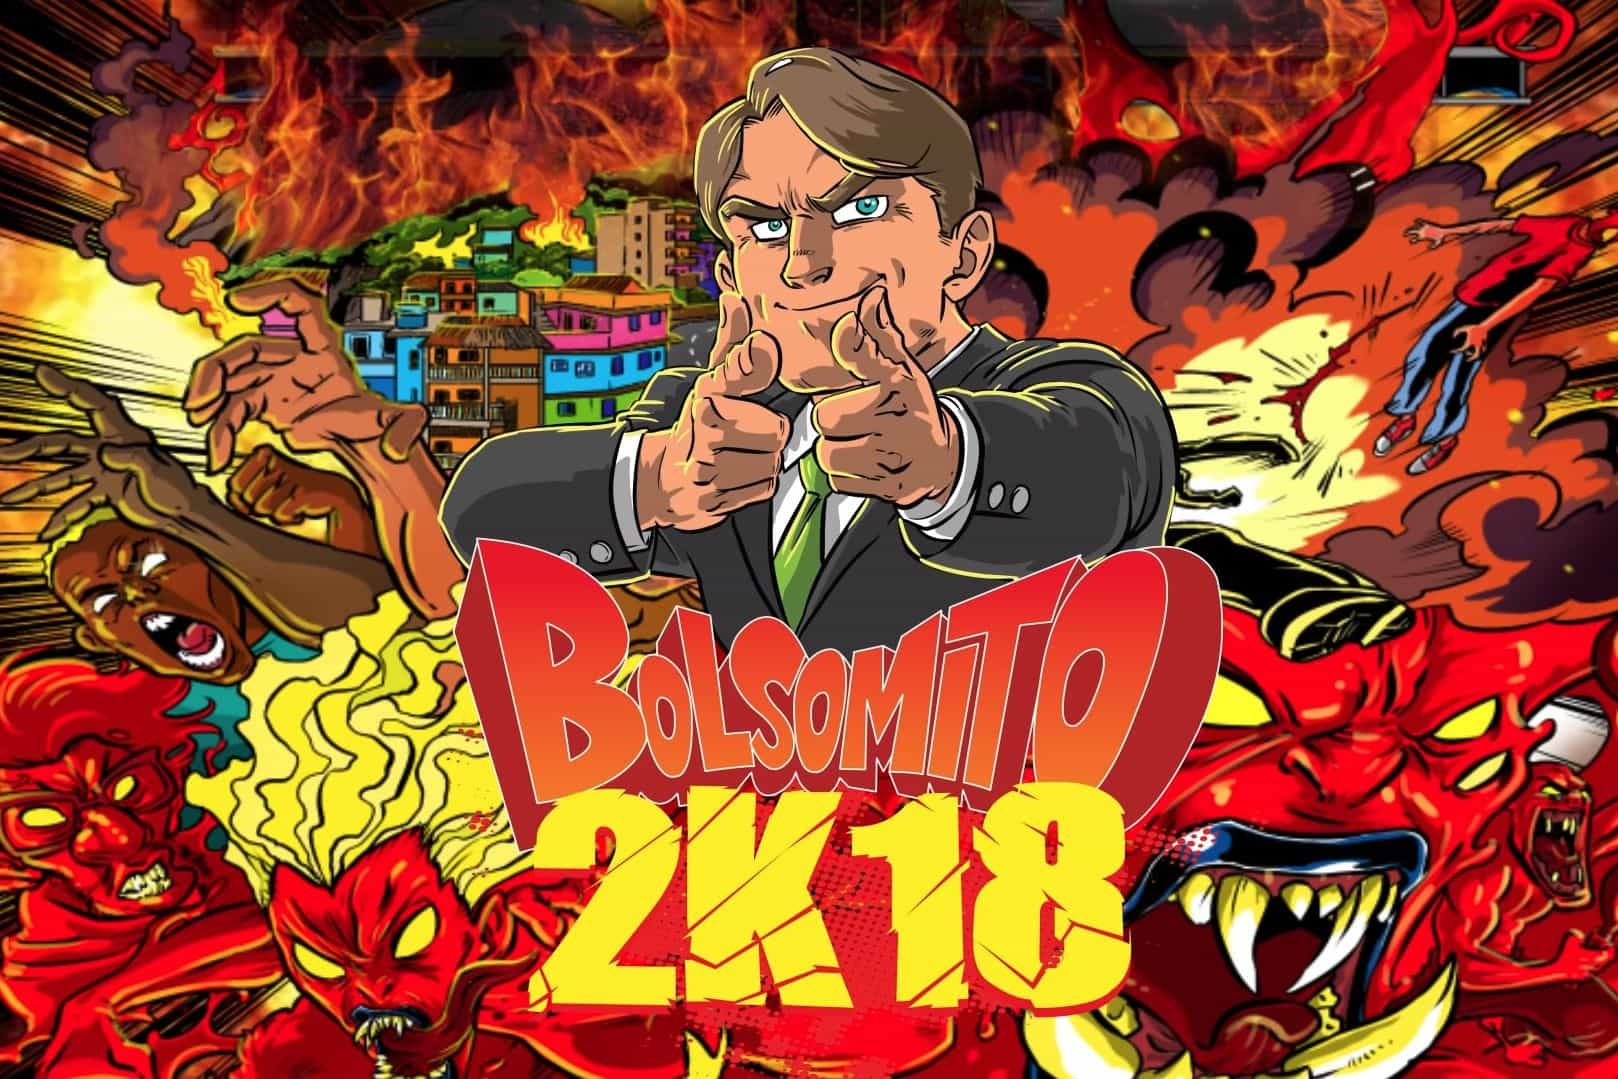 Brasil pede remoção de jogo violento inspirado em Bolsonaro